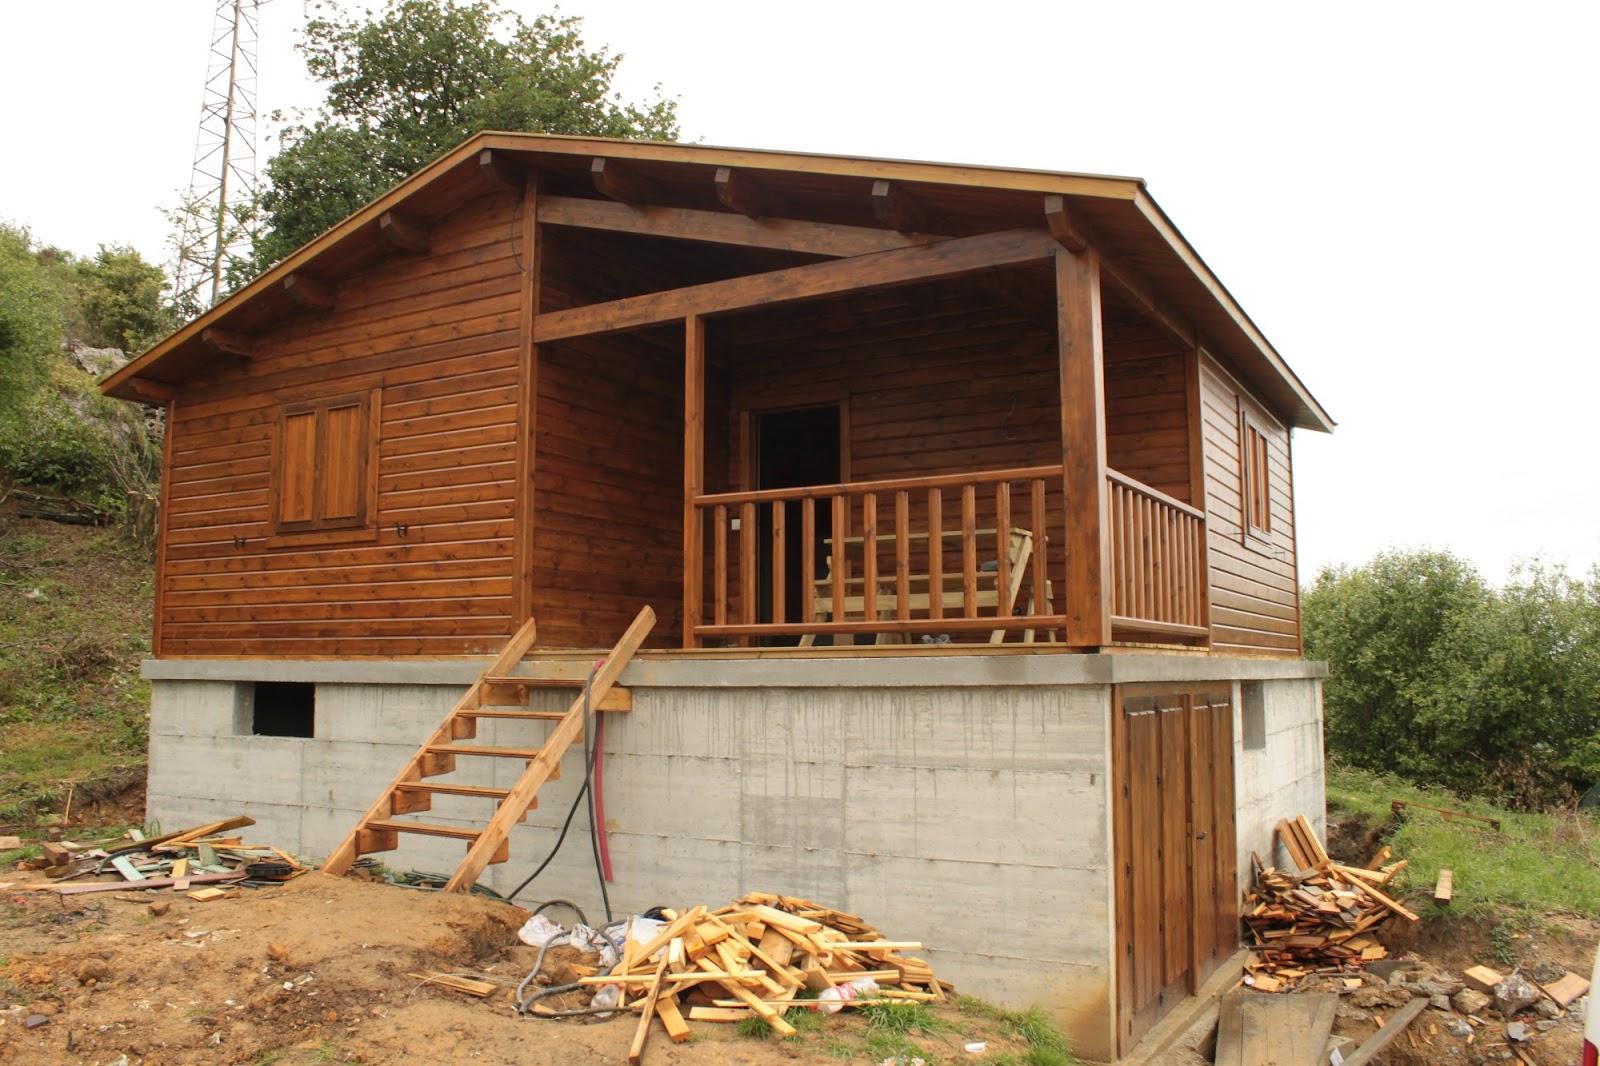 Cantabria loisirs cantabrie loisirs construcciones en - Construcciones de casas de madera ...